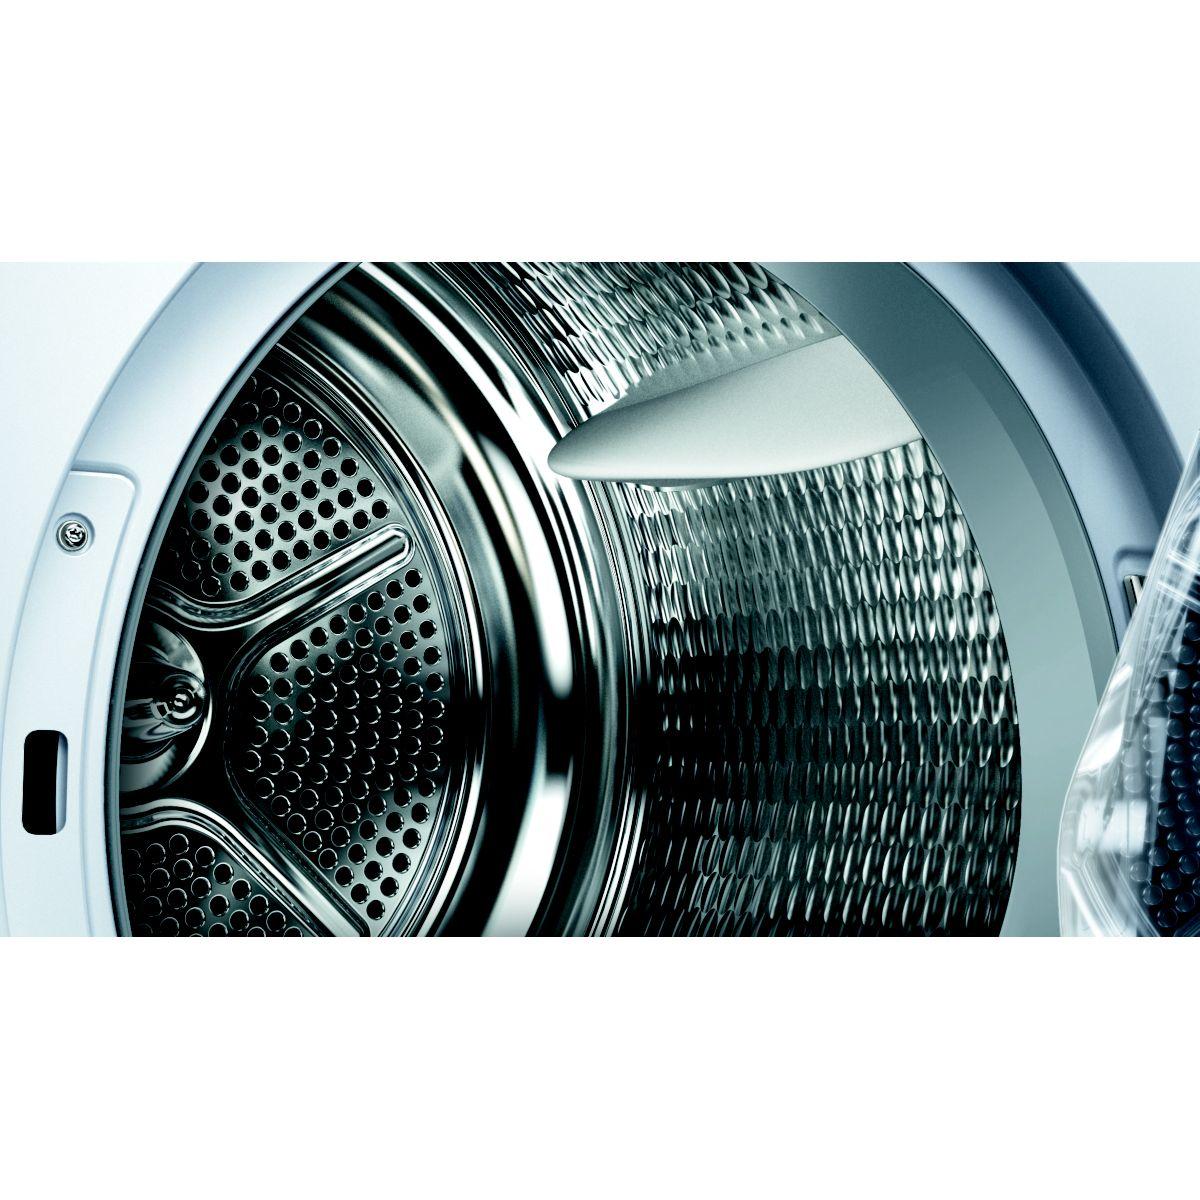 Sèche-linge pompe à chaleur siemens wt47w590ff 9kg (photo)